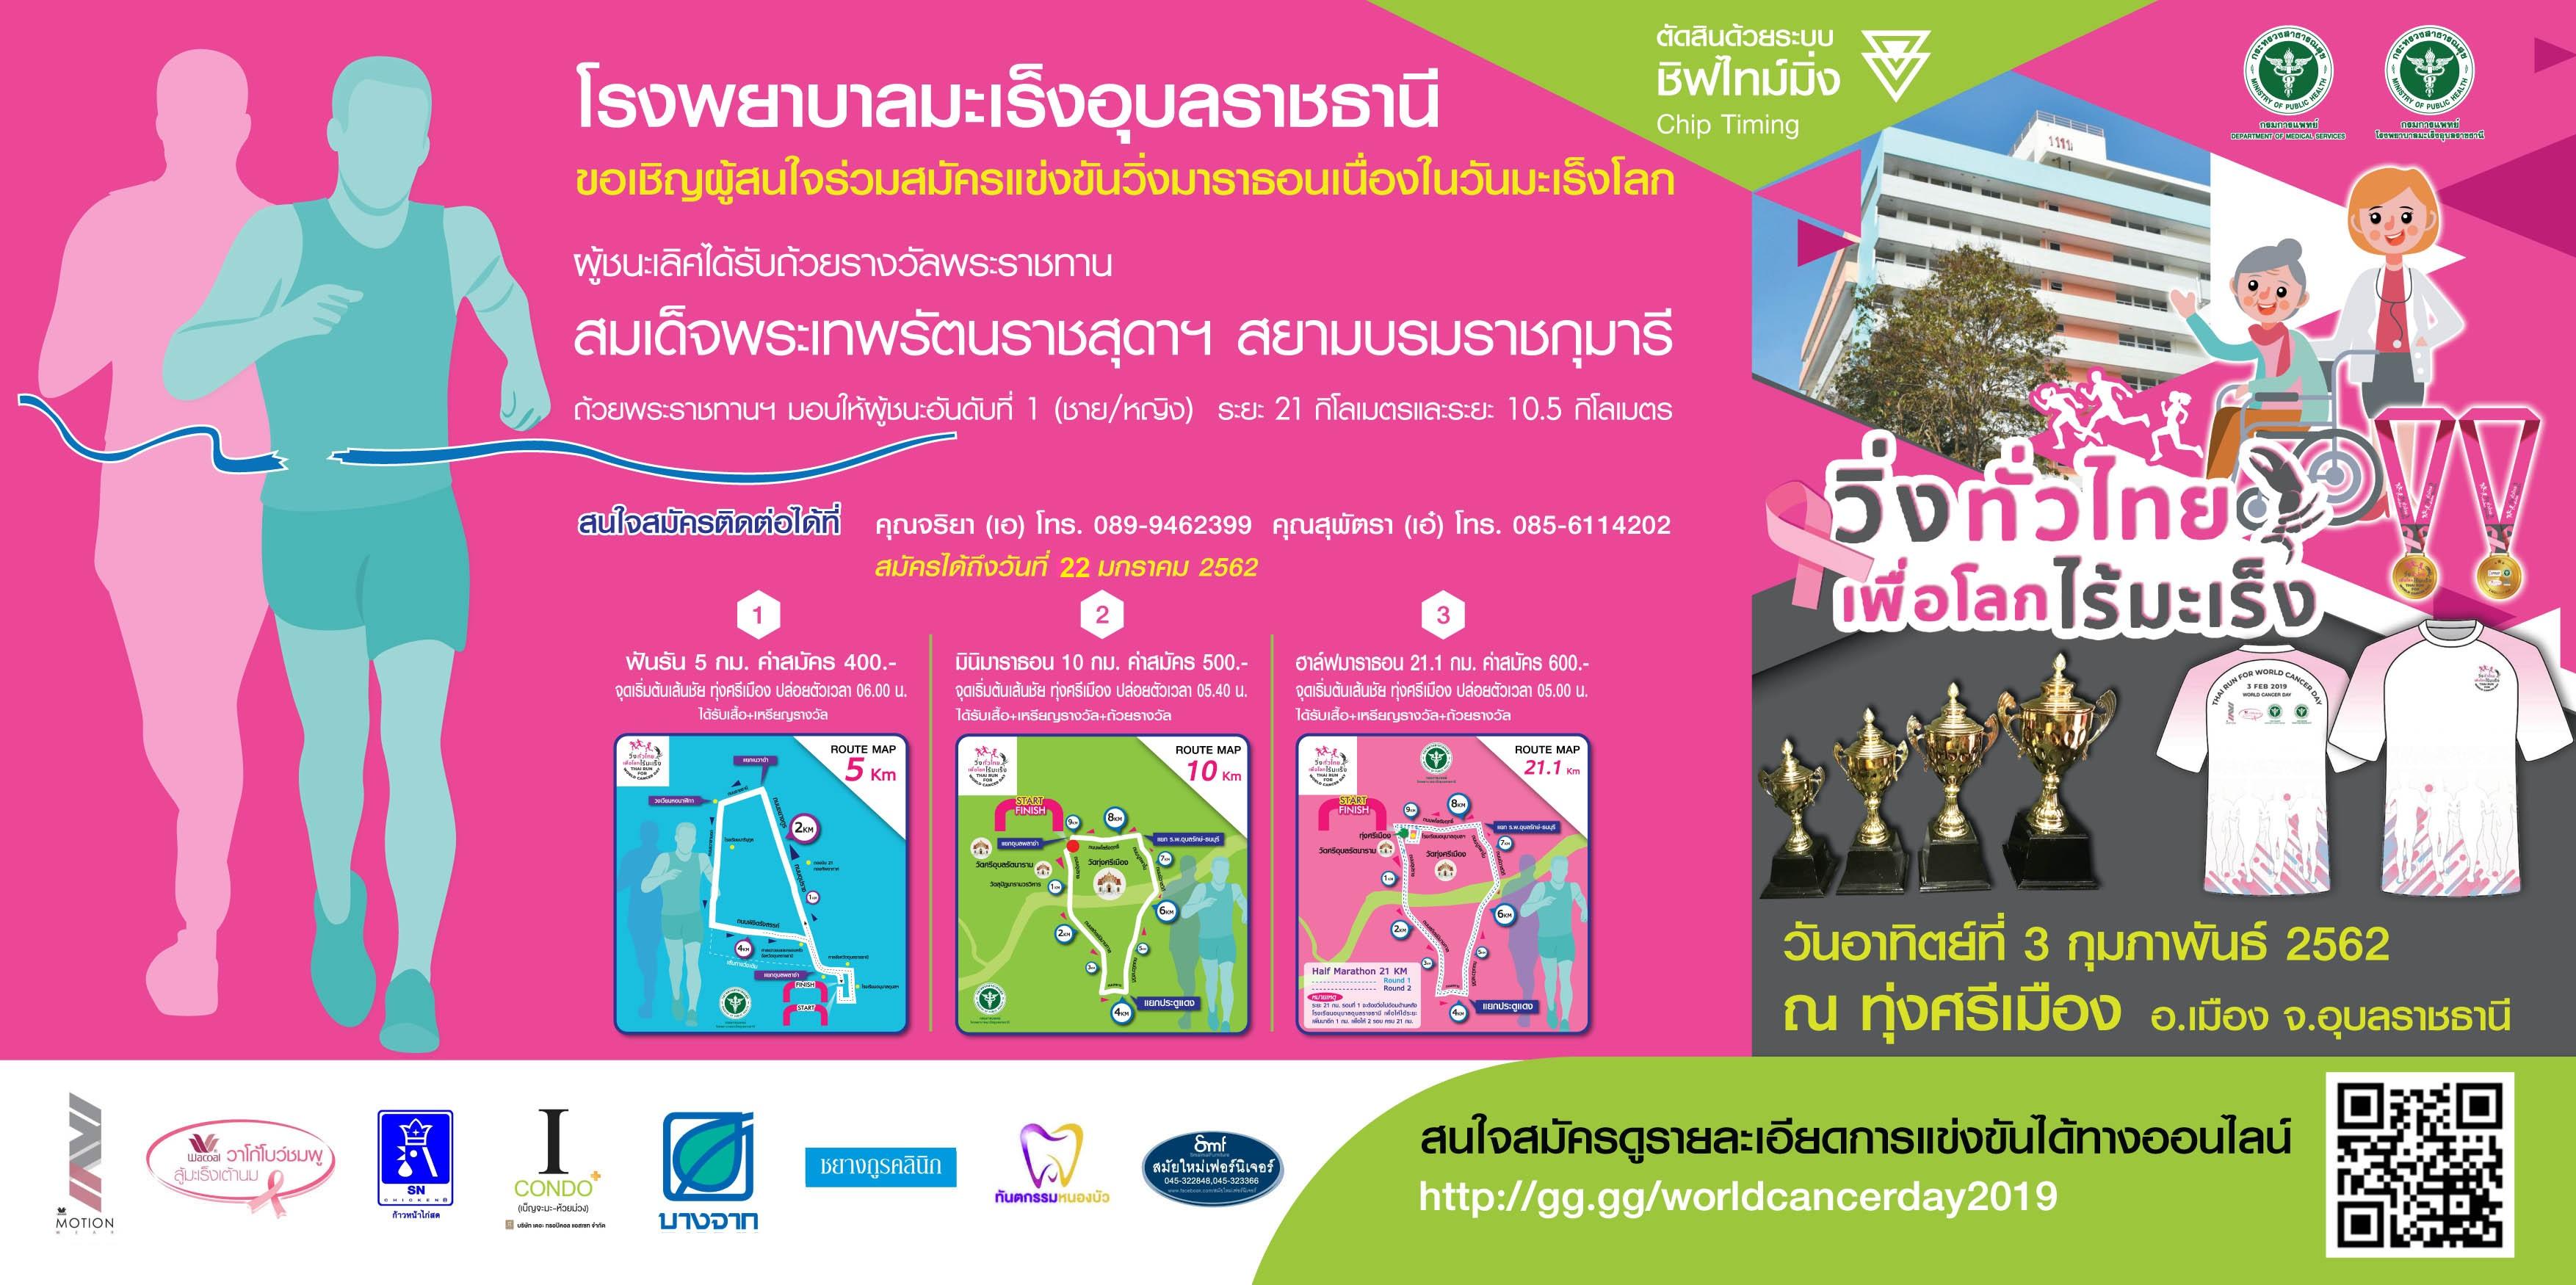 วิ่งทั่วไทยเพื่อโลกไร้มะเร็ง